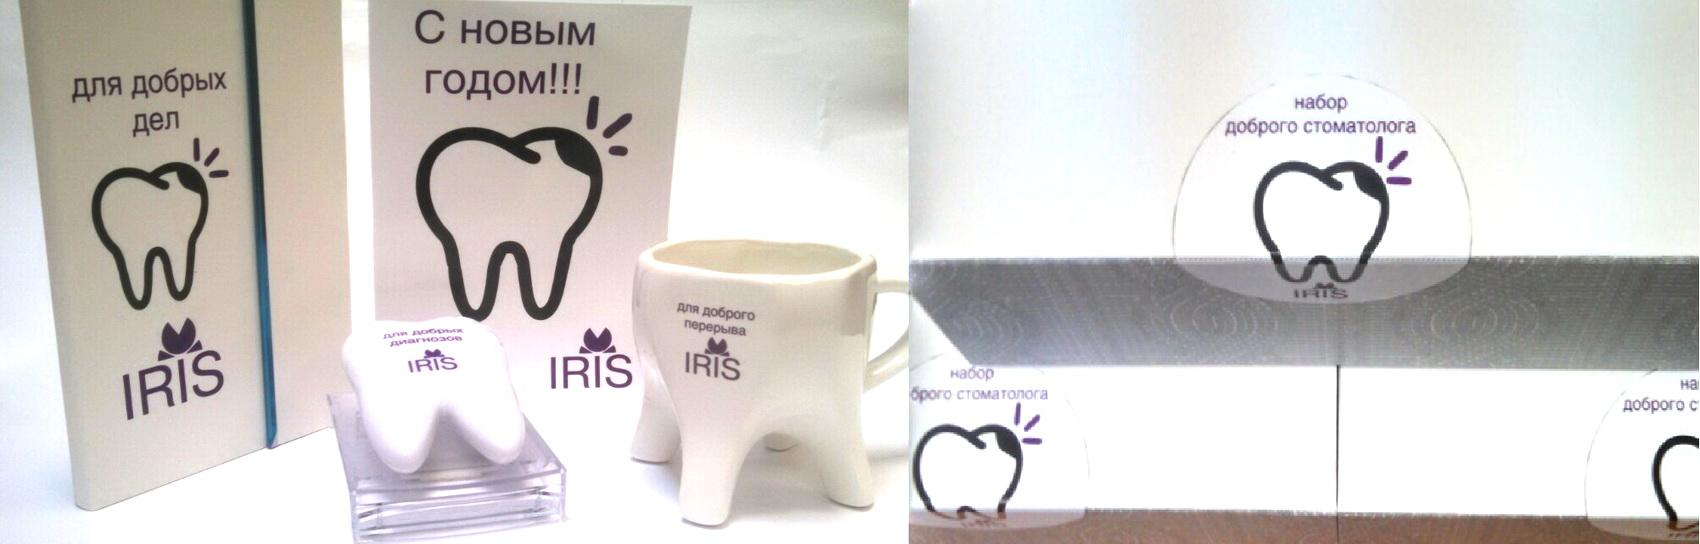 Кейс: Новогодние подарочные наборы для Стоматологов